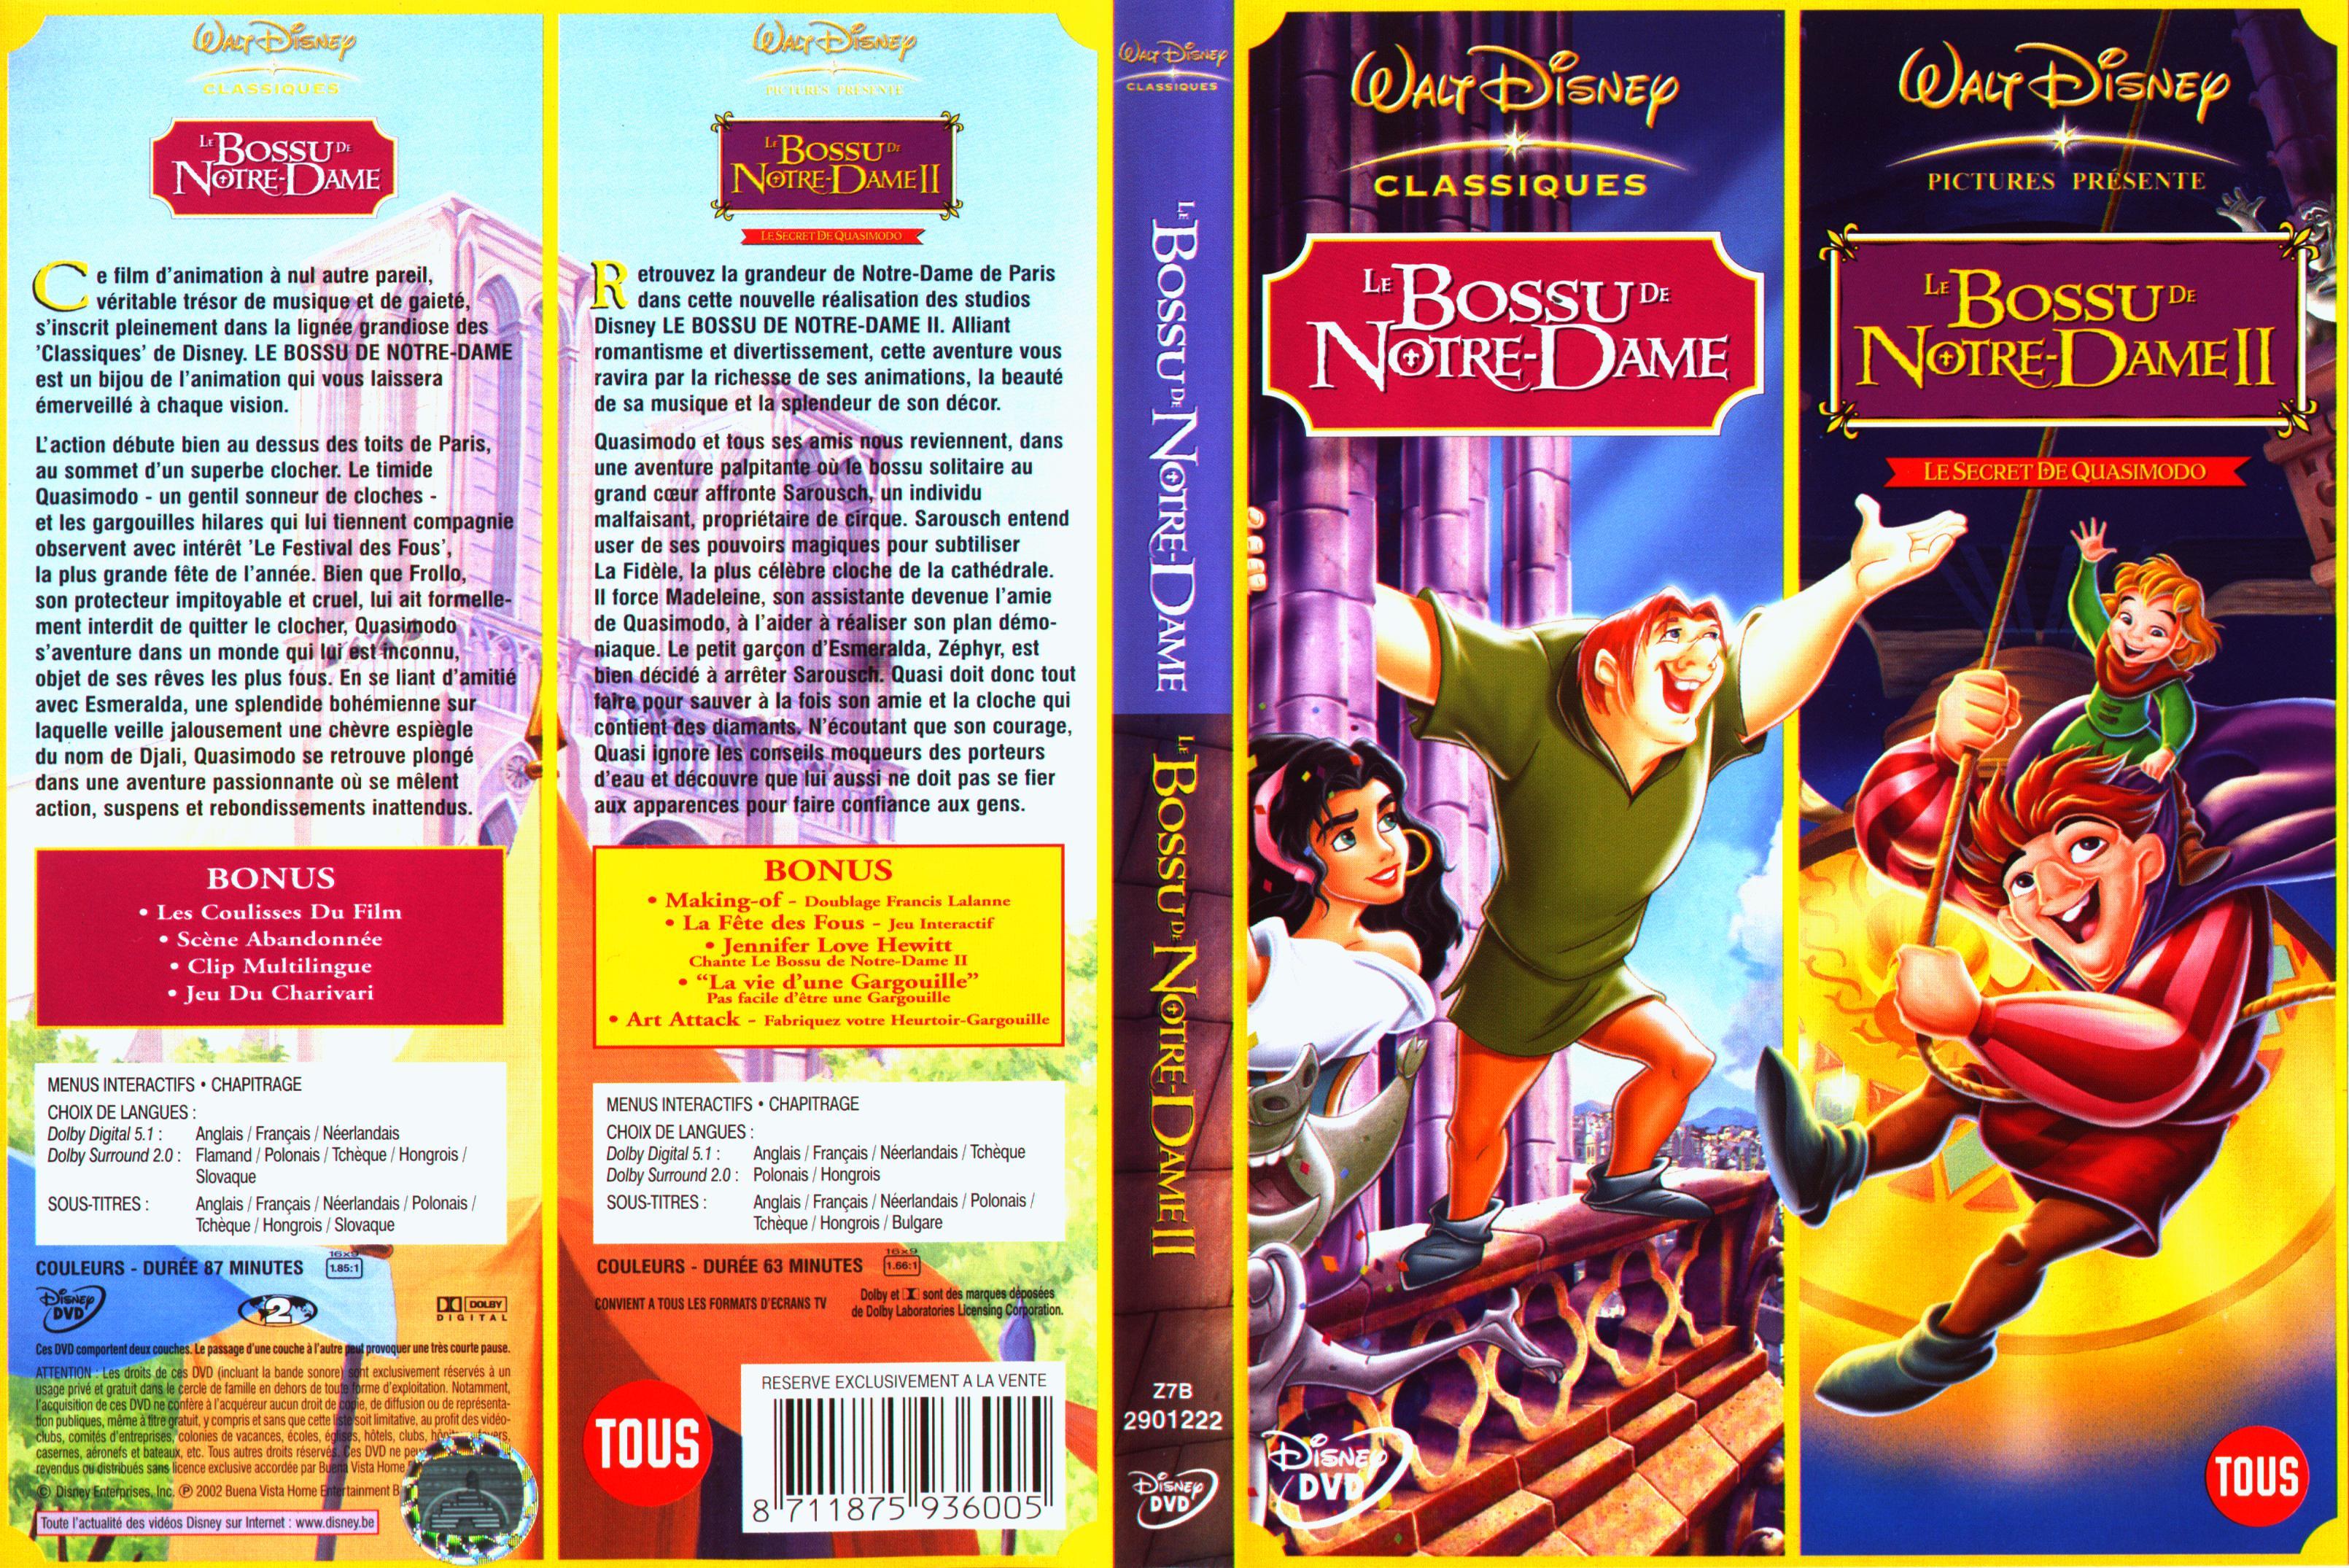 Jaquette DVD Le bossu de Notre-dame 1 et 2